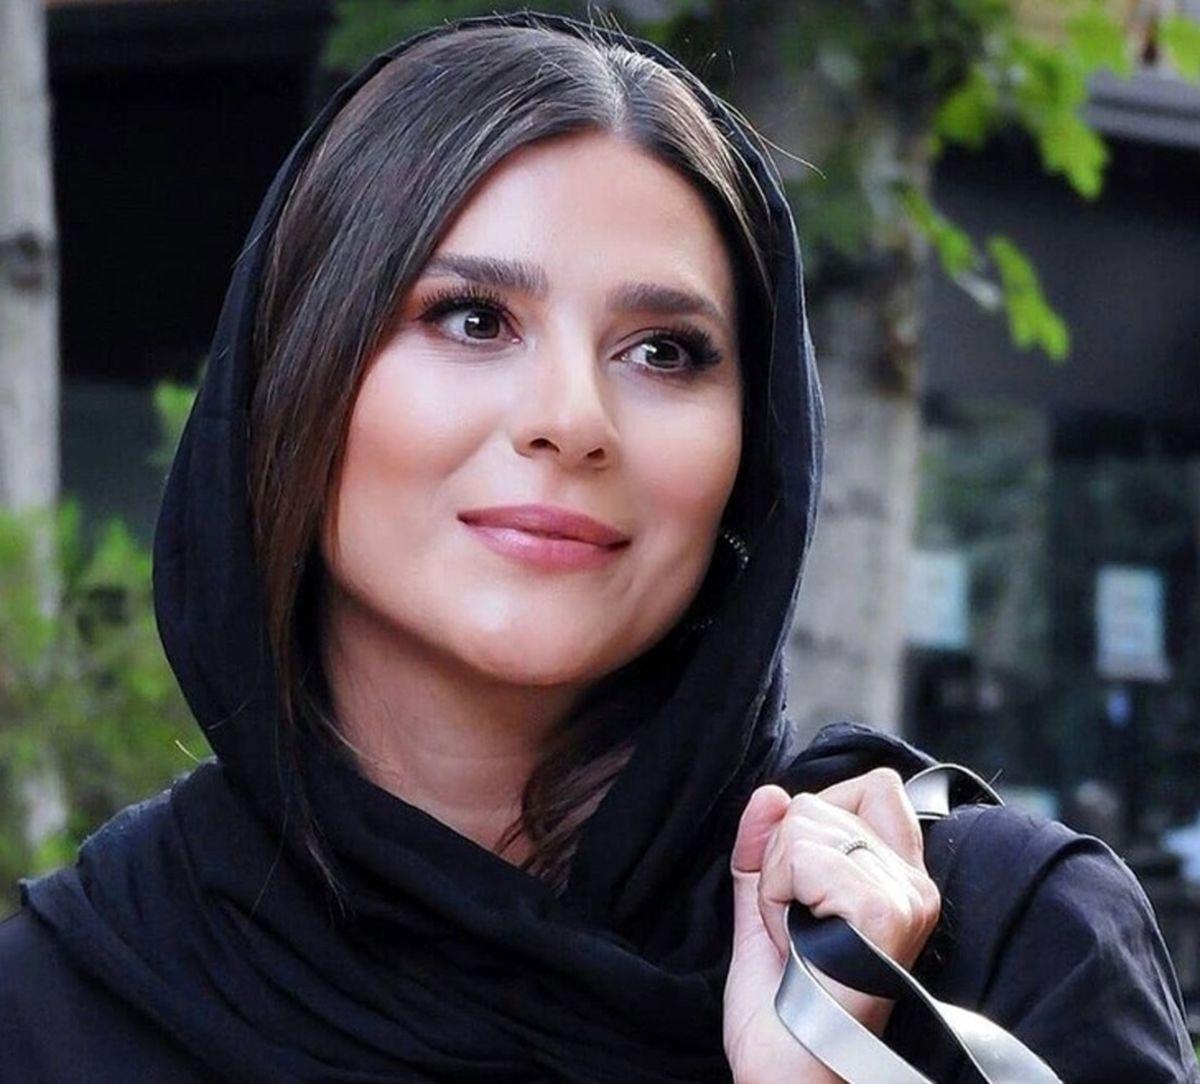 سحر دولتشاهی با ماسک در جشنواره فیلم فجر!+عکس دیده نشده